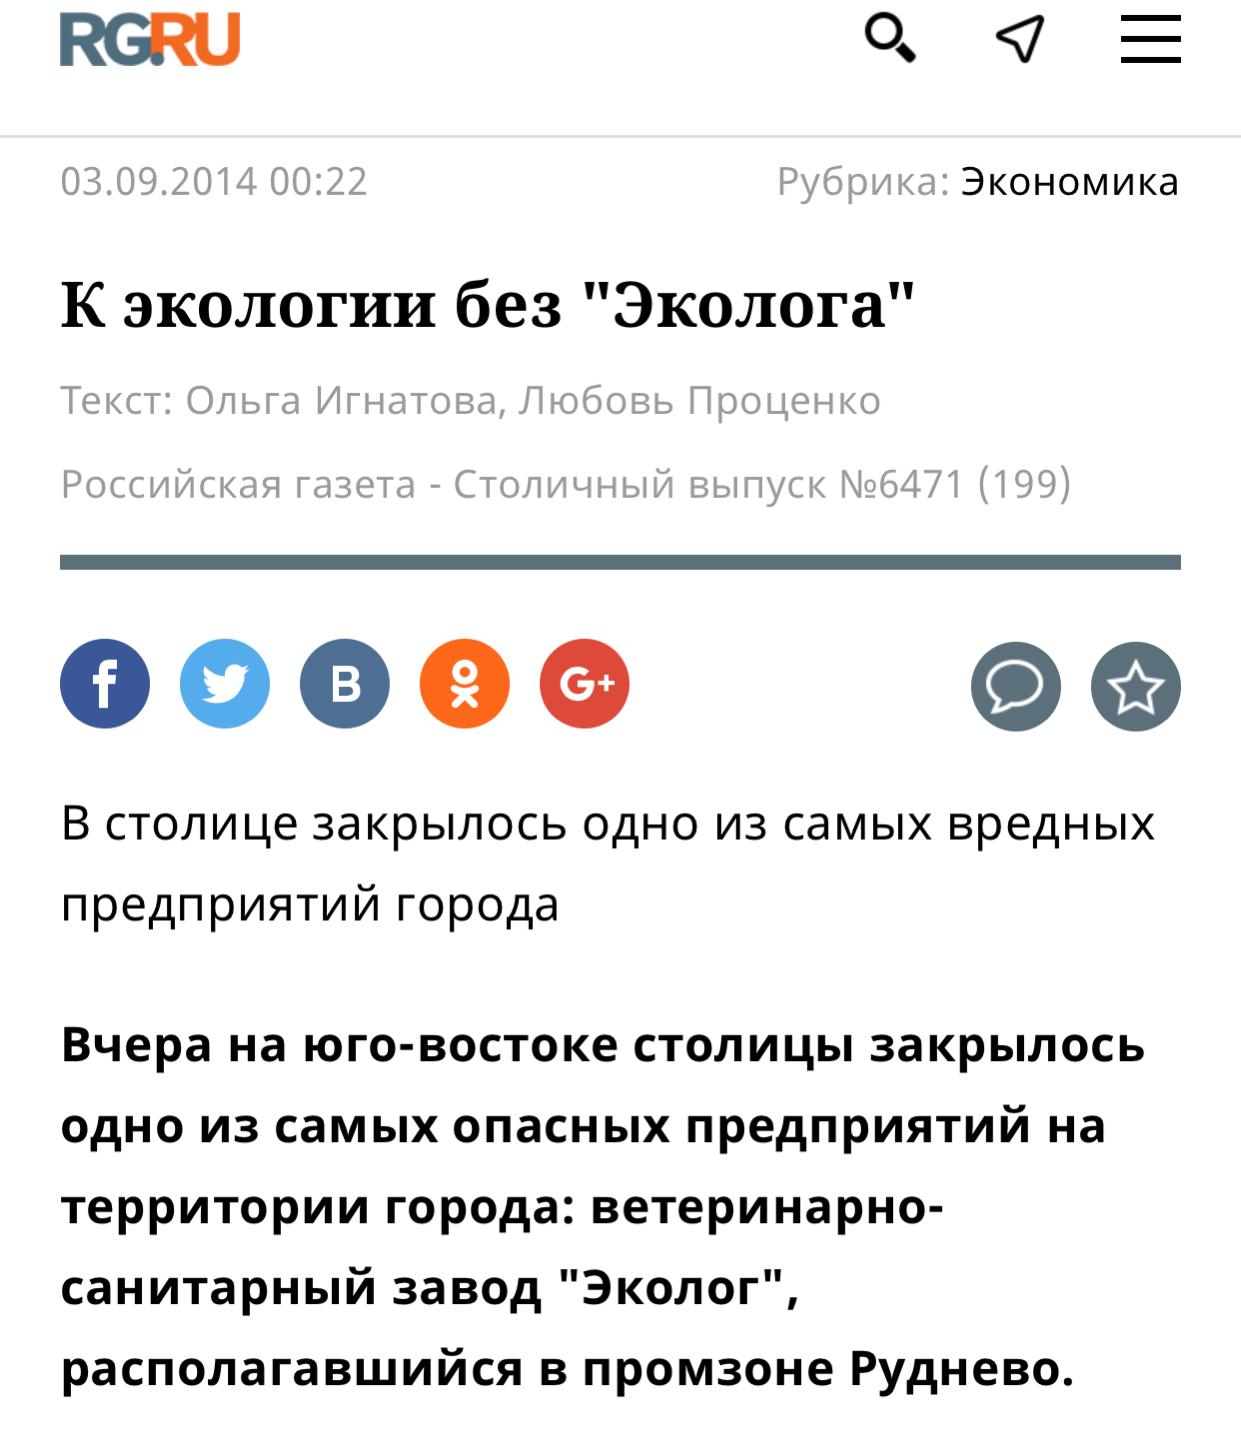 Российская газета, выпуск №6471 (199)